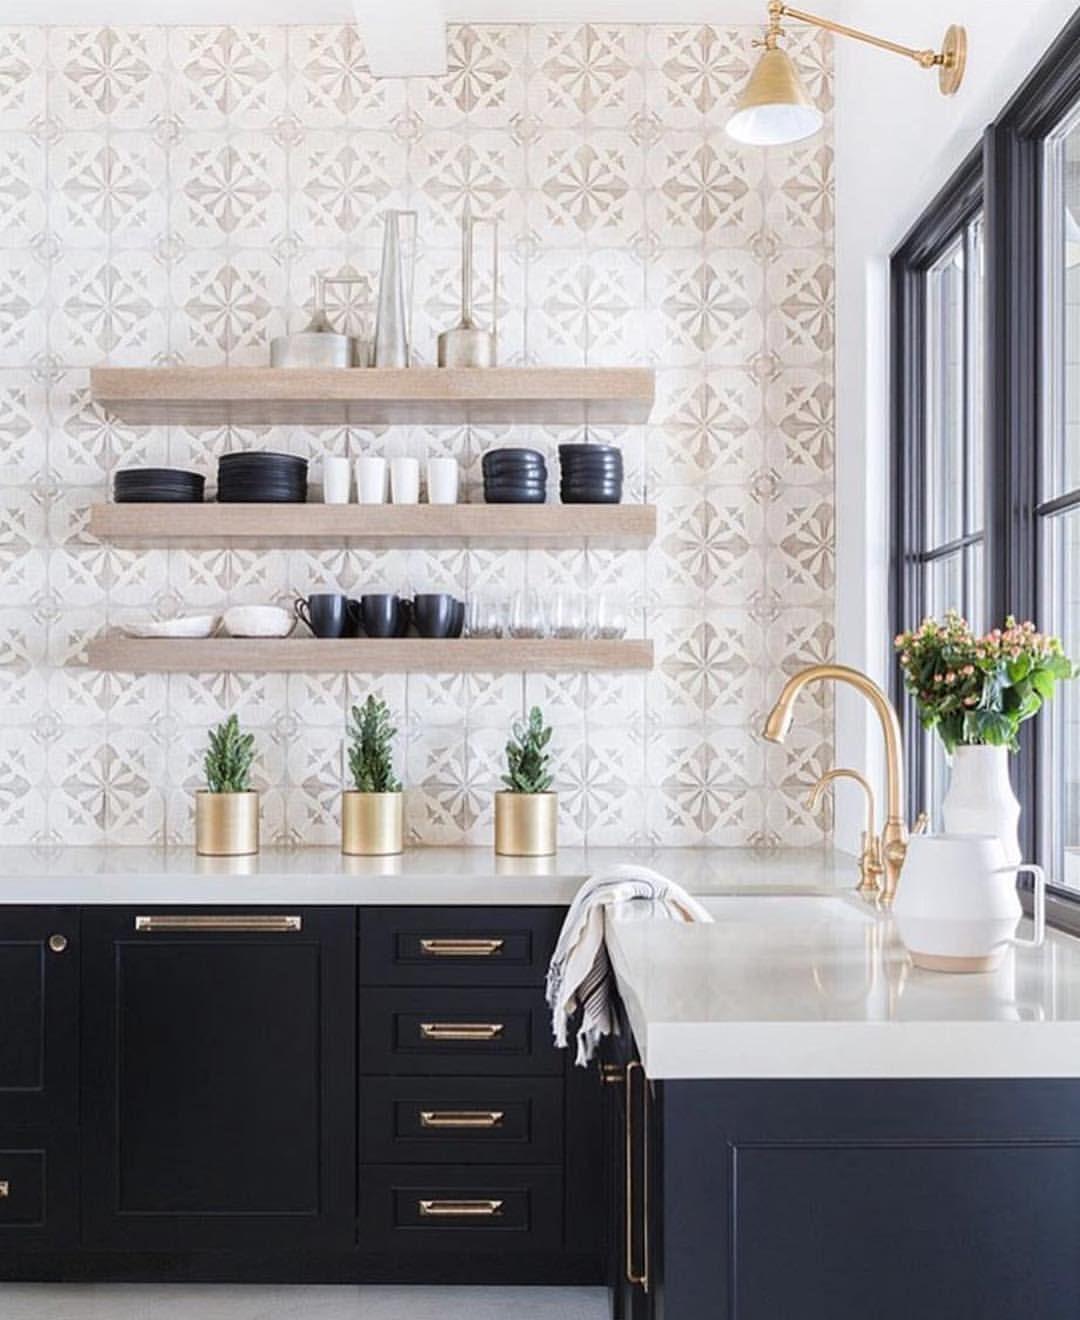 Pin de Candace Ellison en Kitchen cabinets | Pinterest | Cocinas ...